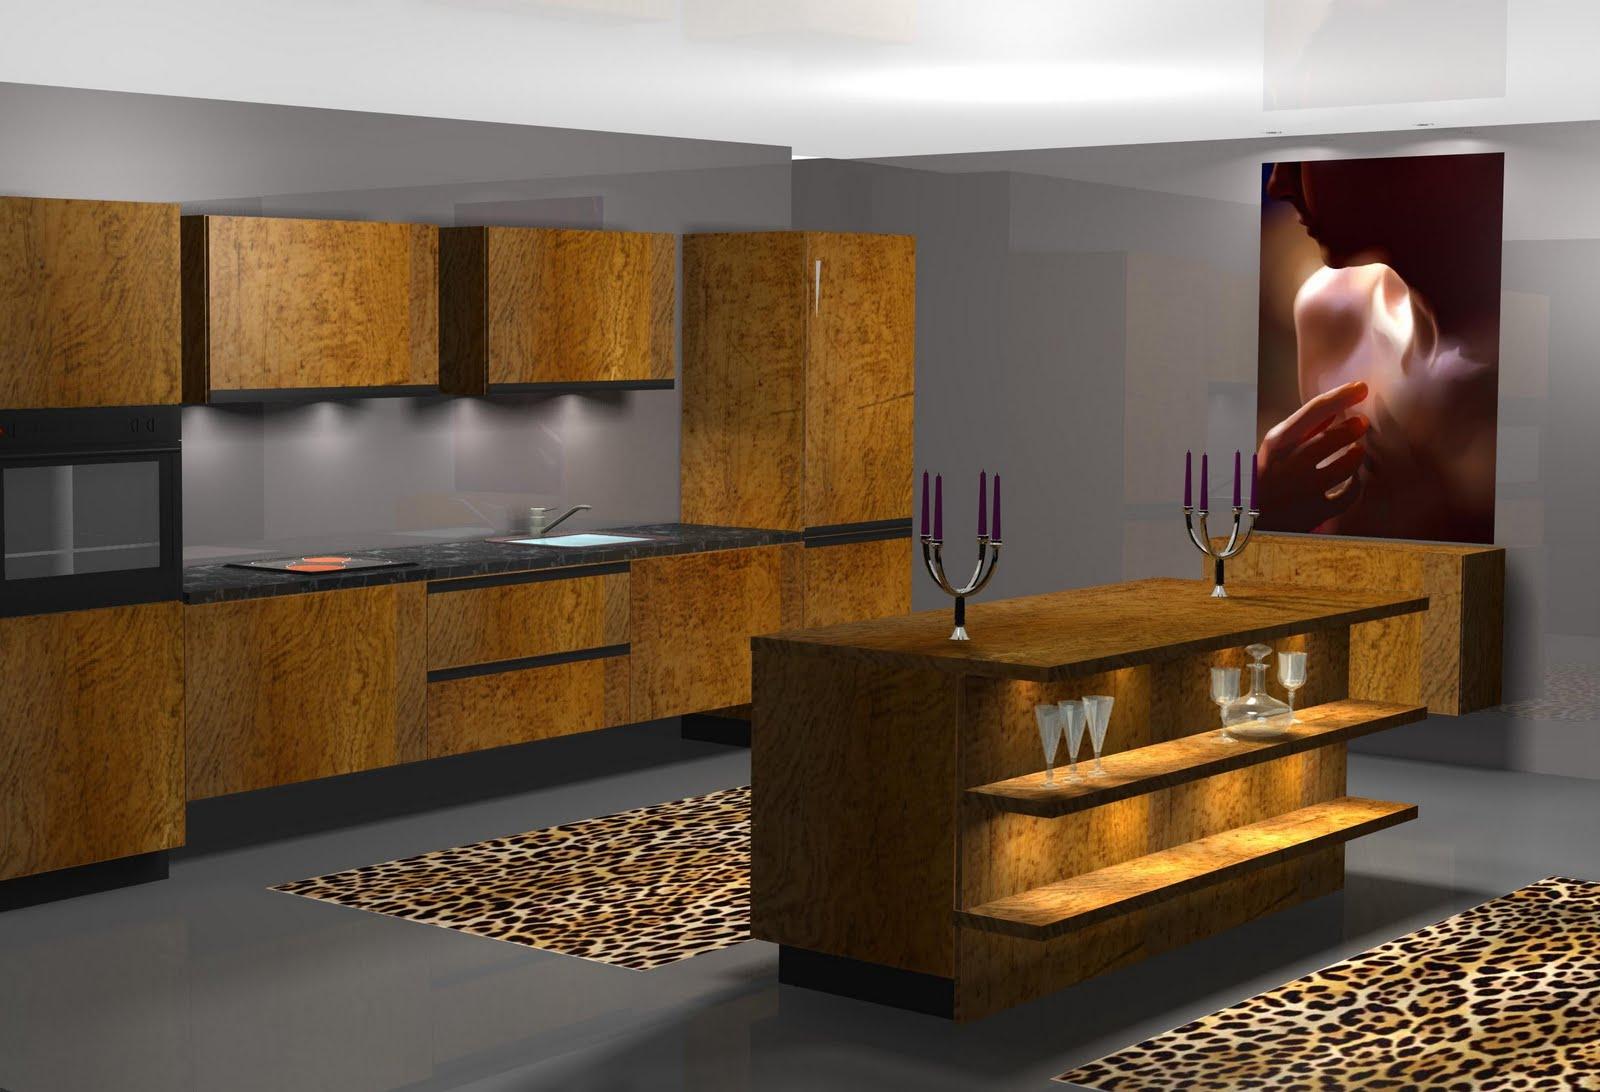 Dise o de interiores dise o de muebles de cocina for Disenos de muebles de cocina colgantes